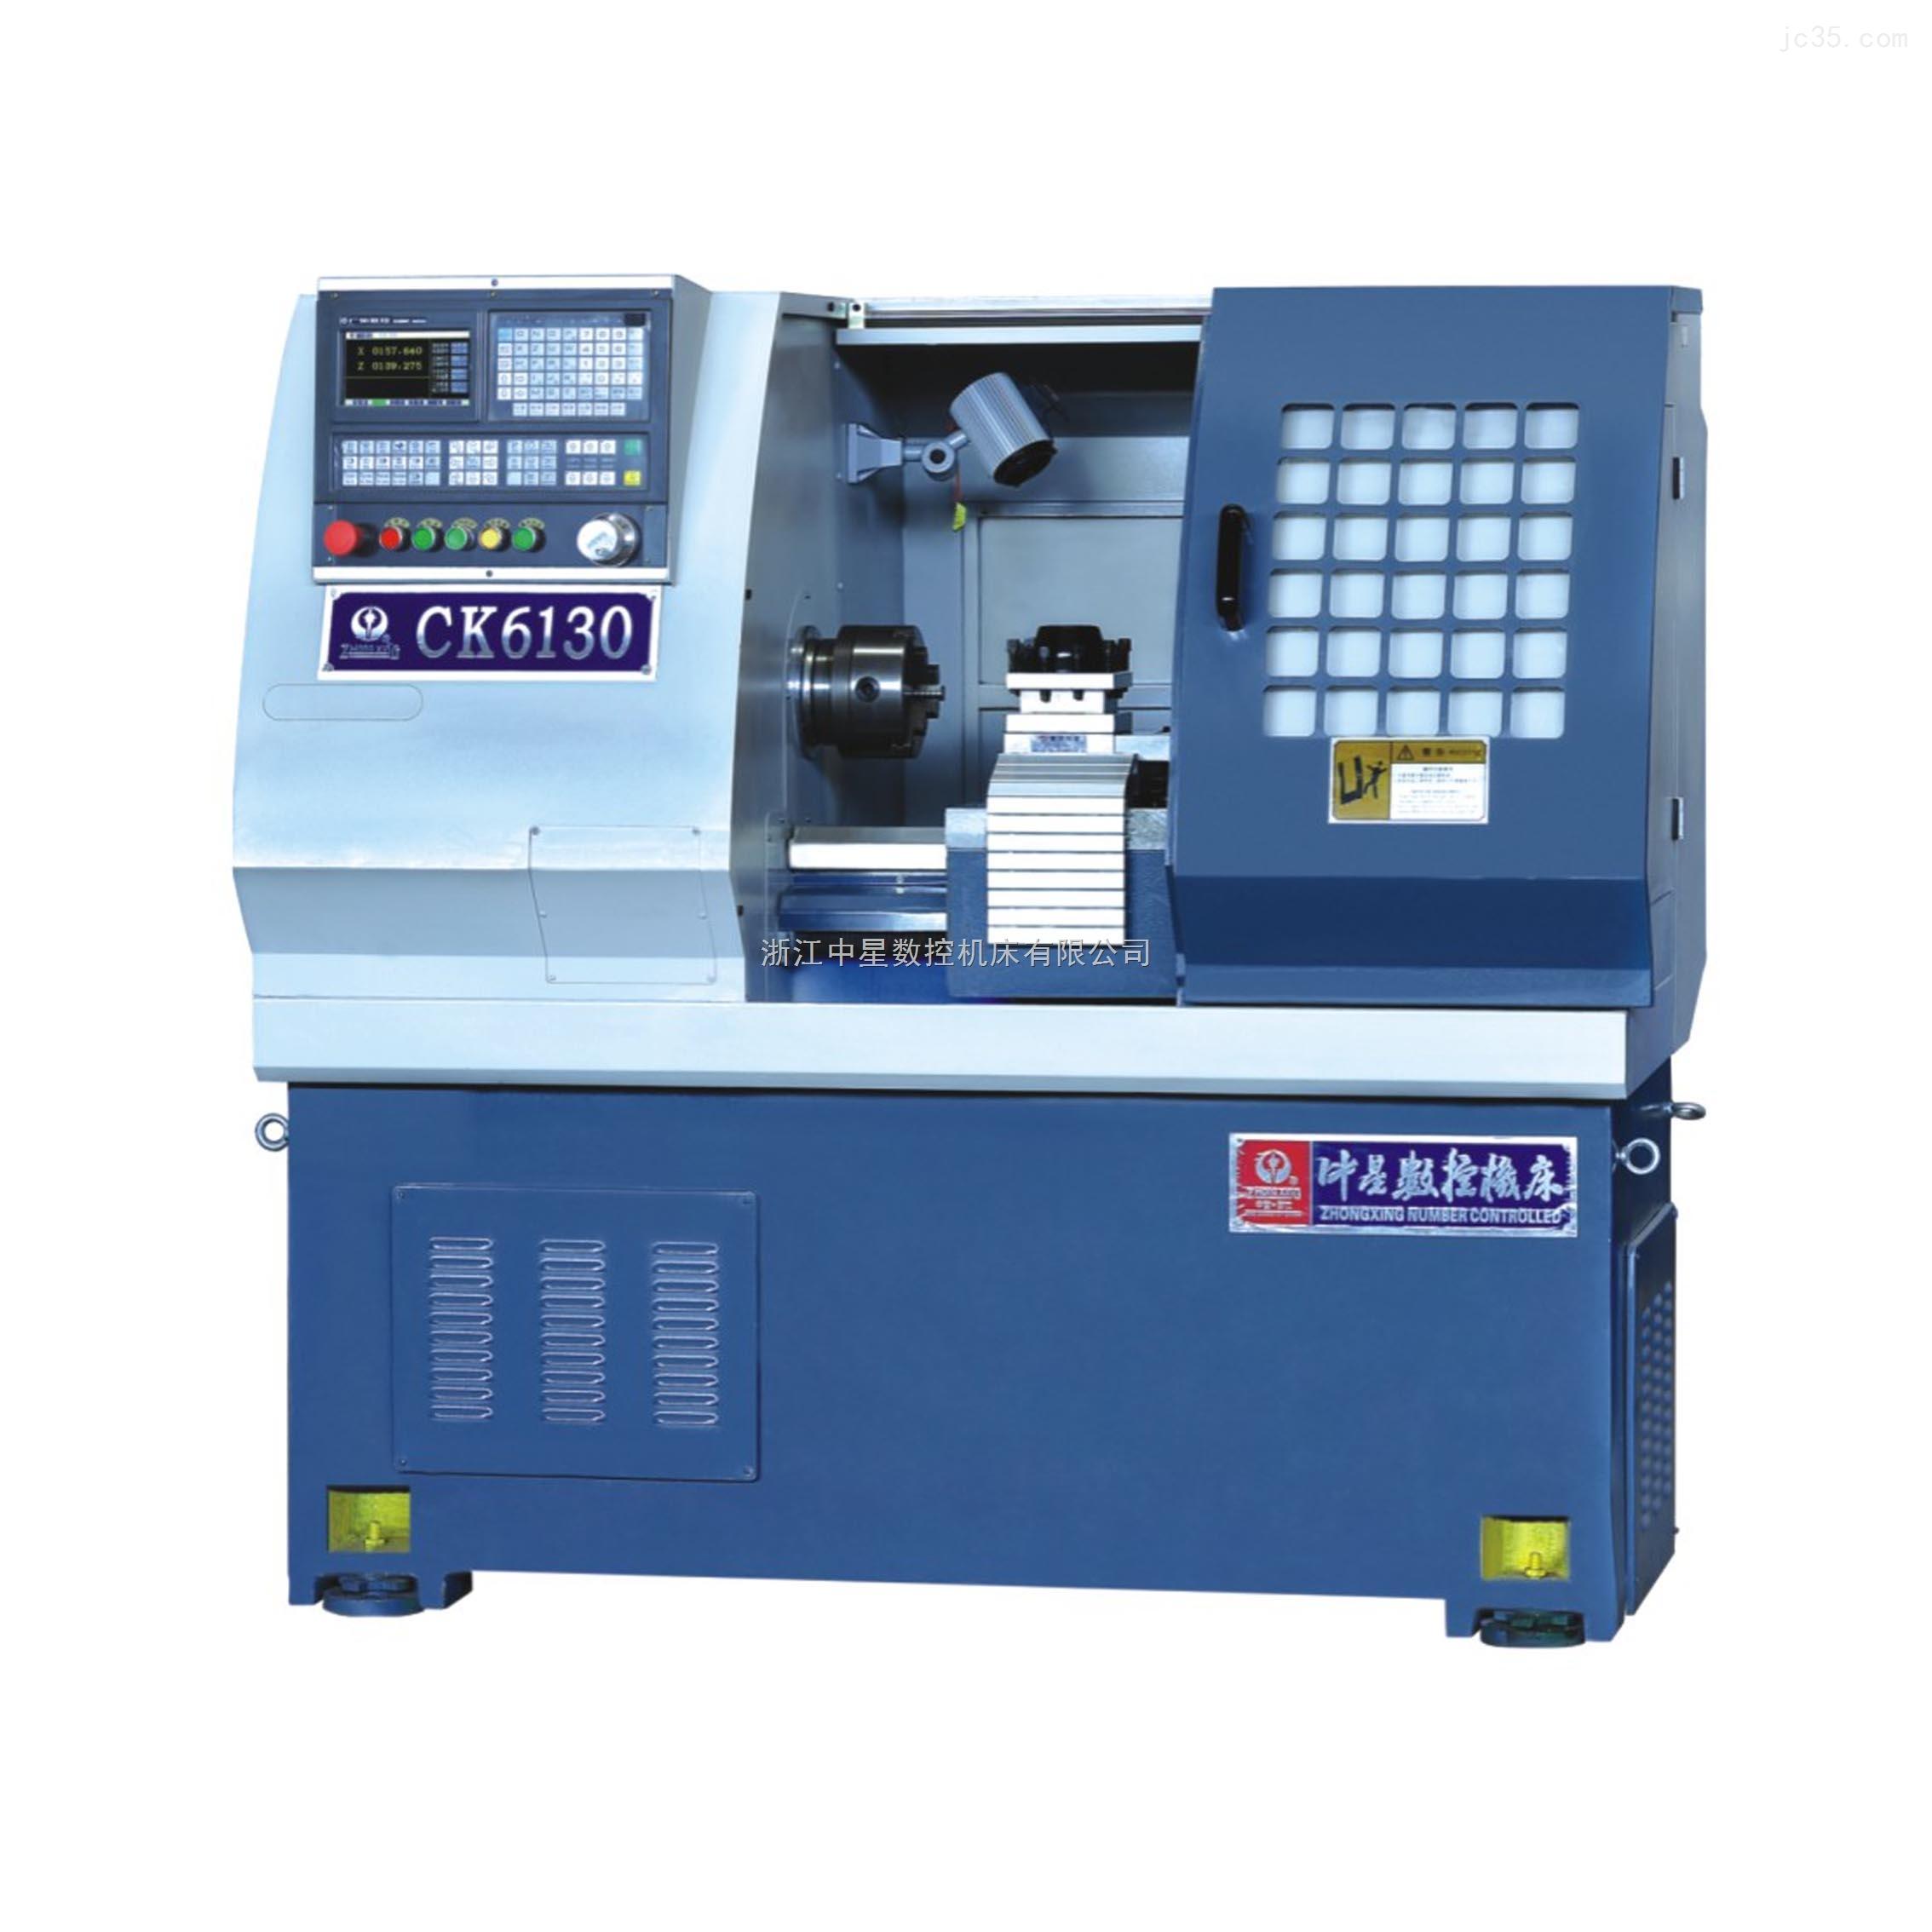 ck-6130中星牌数控机床采用机电一体化设计